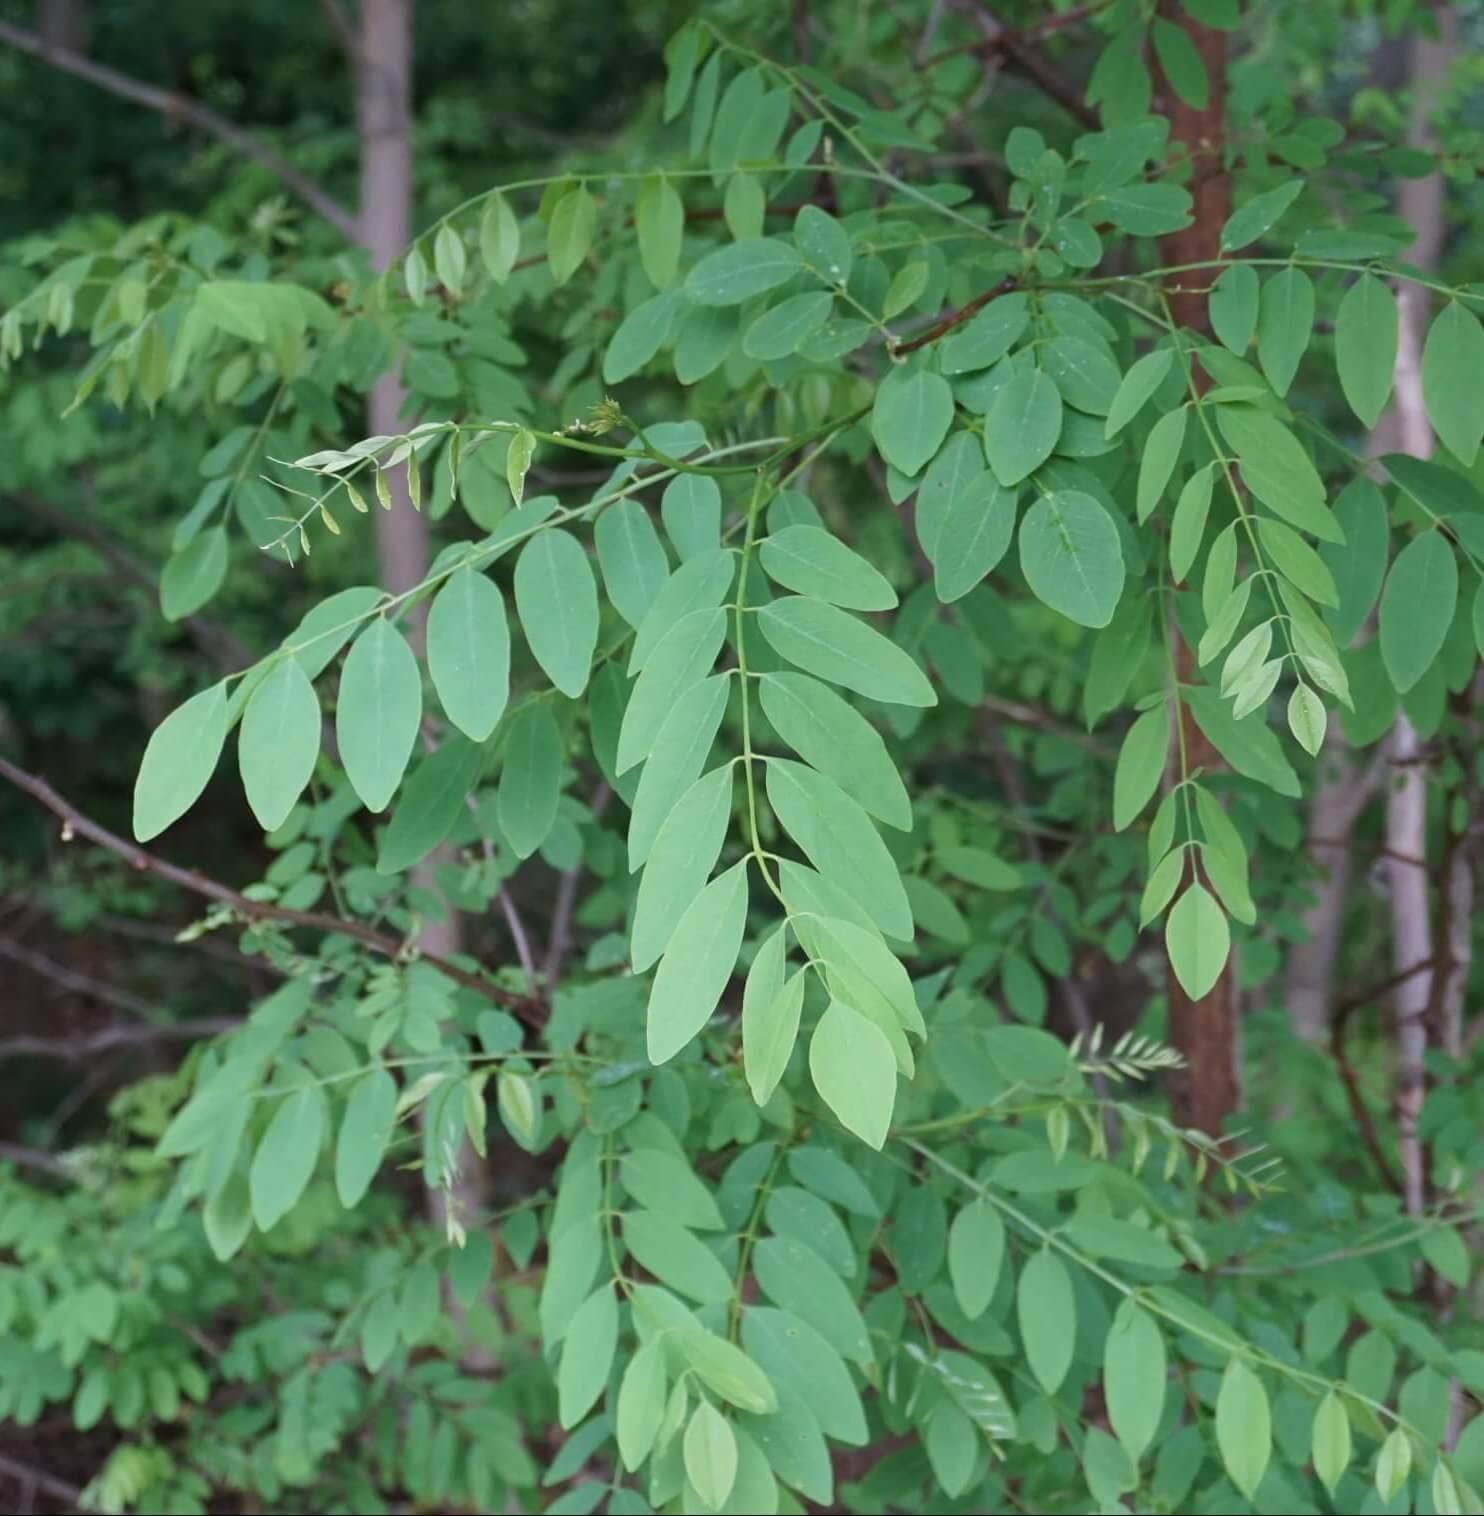 Das Bild zeigt die Fiederblätter der Robinie mit zweizeilig ansitzenden elliptisch geformten Fiederblättchen.